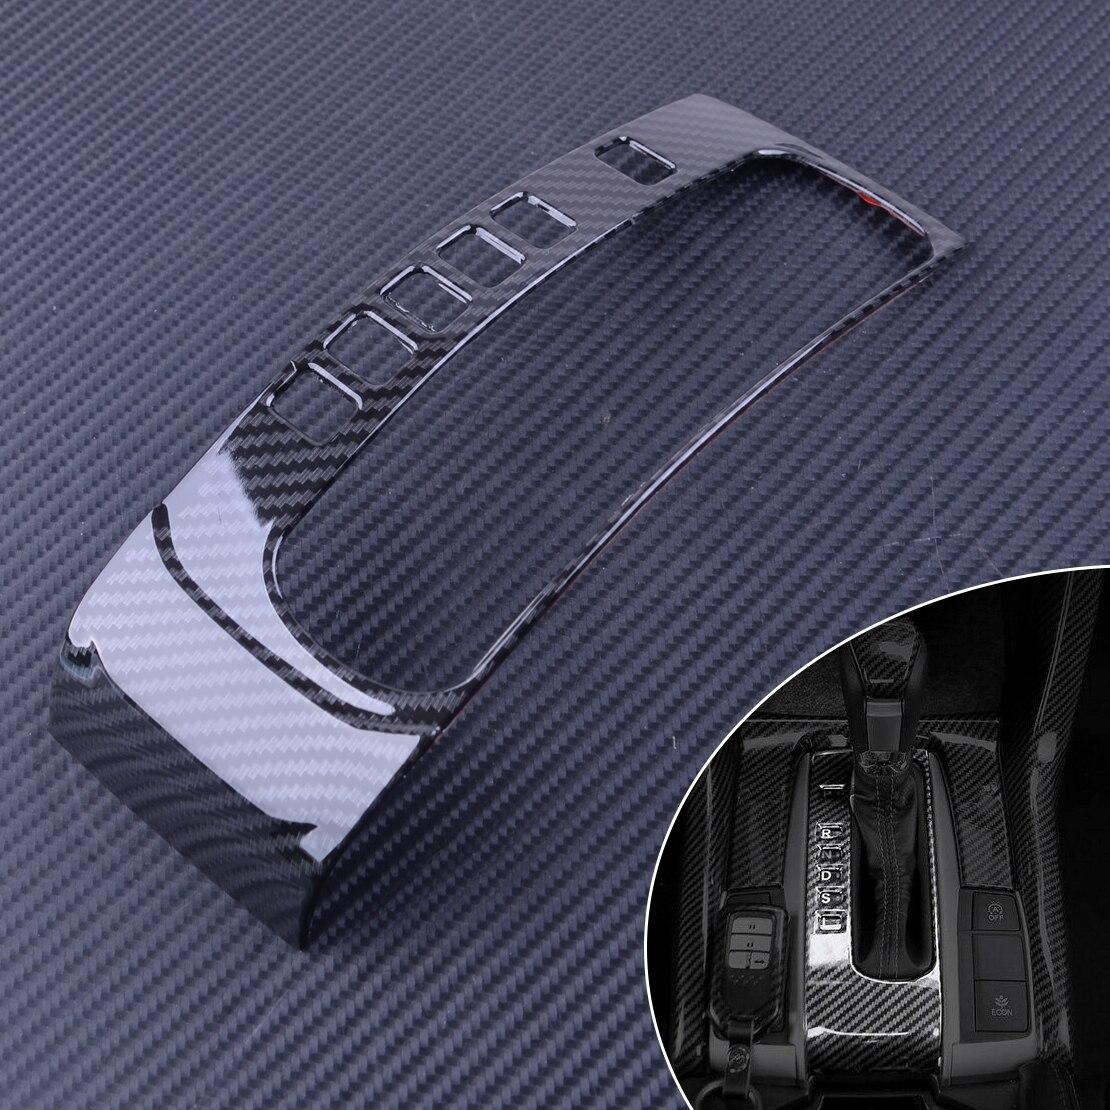 DWCX ABS Carbon Fiber Style Car Gear Shift Box Panel Cover Trim Mouldings Fit for Honda Civic 10th 2016 2017 2018